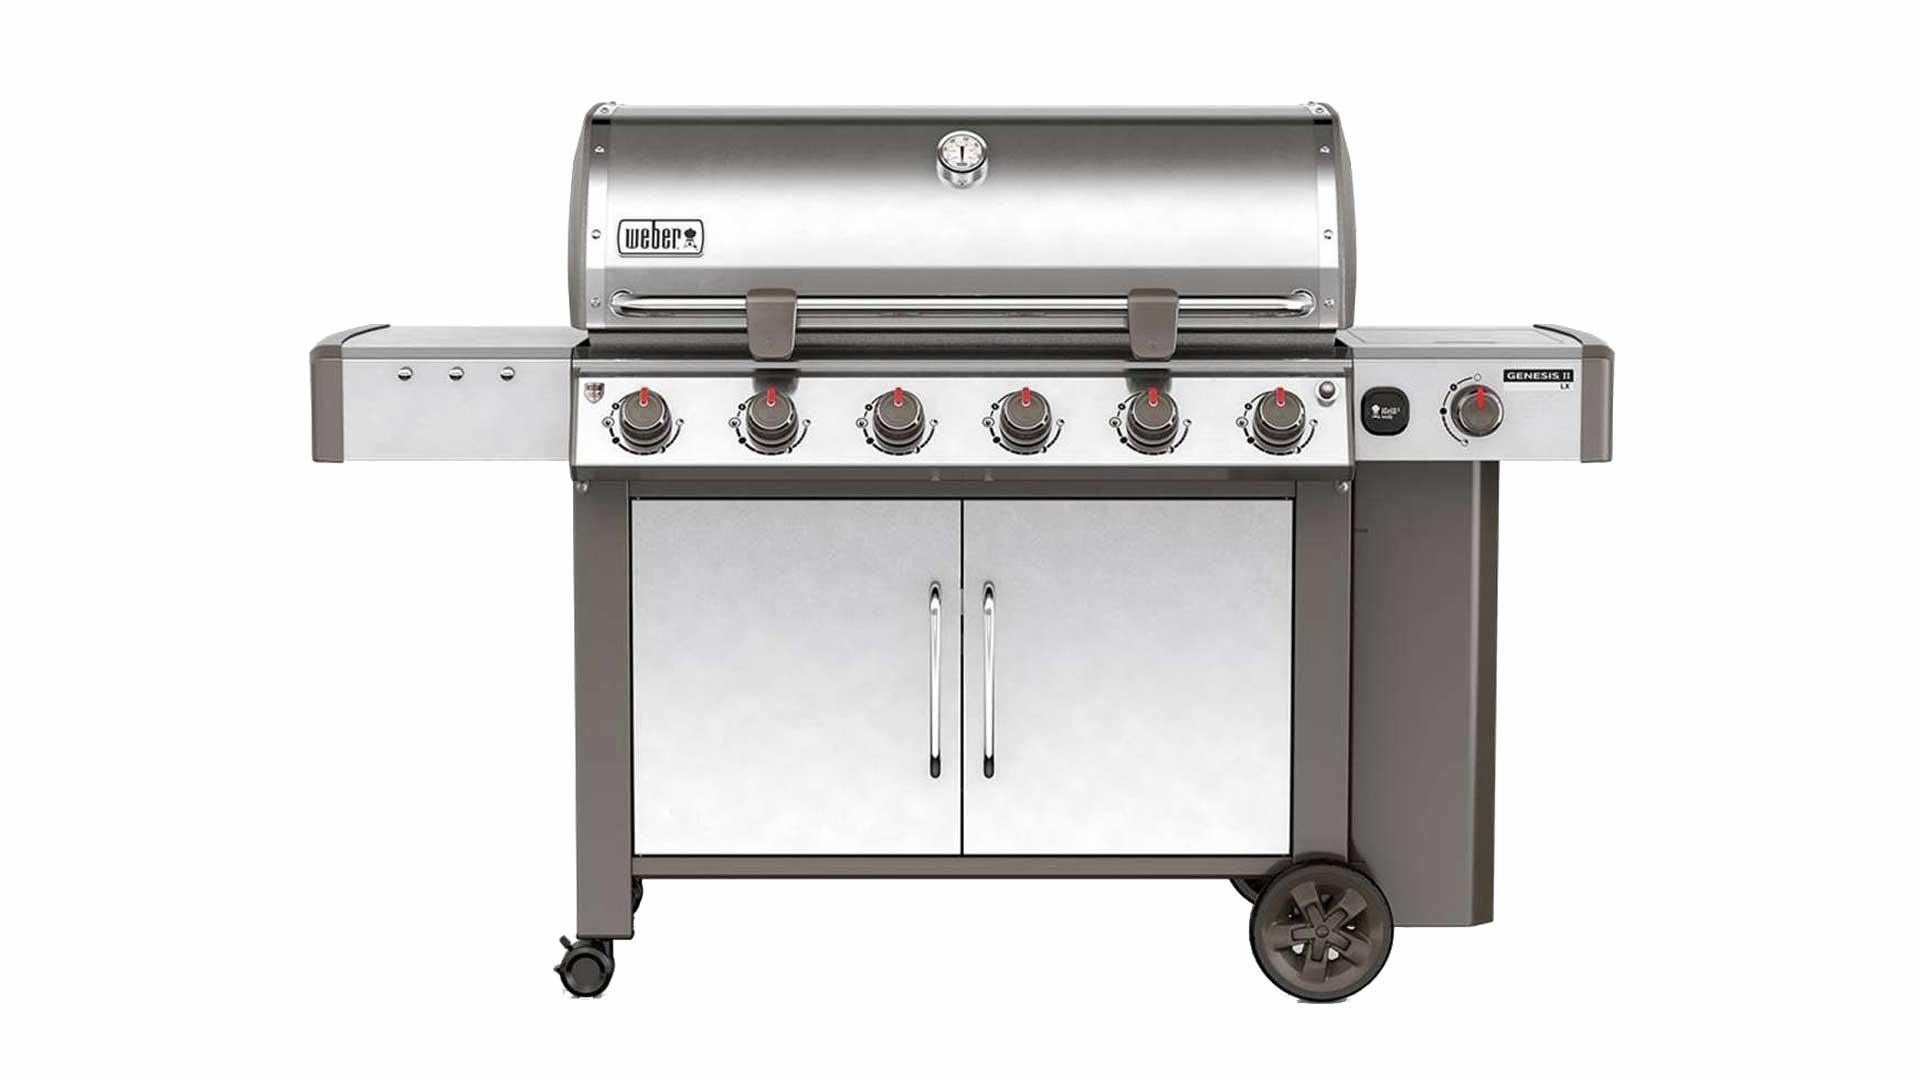 immagine in evidenza della pagina Barbecue Weber Genesis 2 LX S-640 GBS Gas Grill Inox